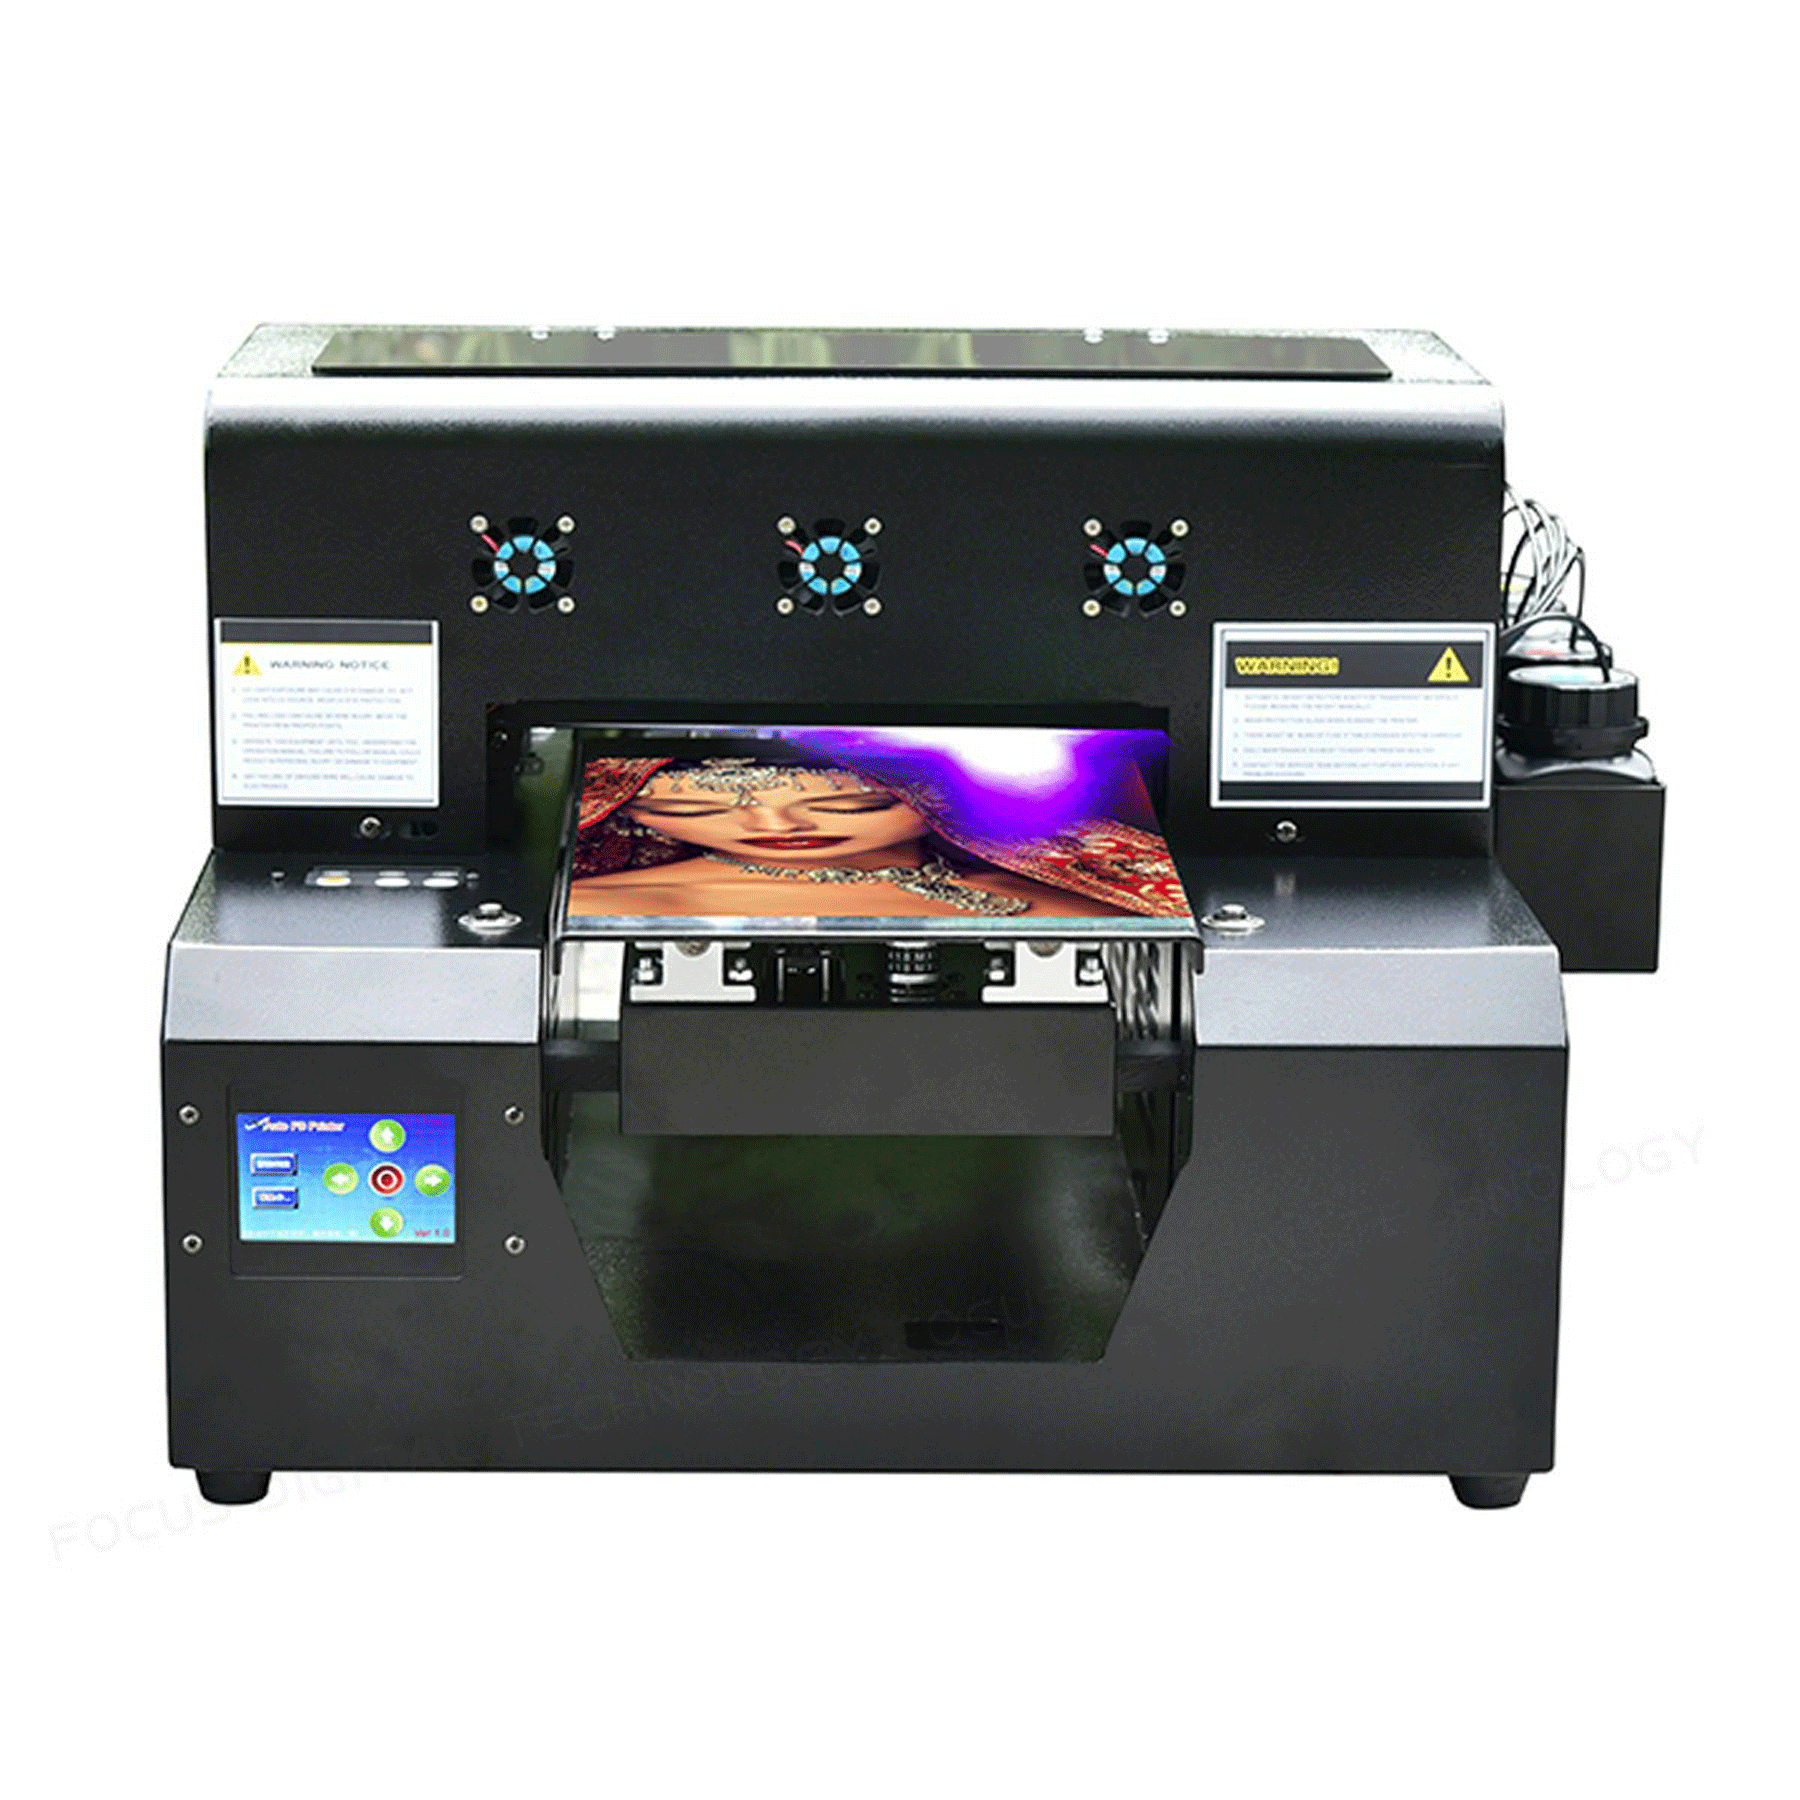 06ebb1d9c2 Portatile A4 stampante uv per la stampa diretta su vetro metallo plastica  legno cassa del telefono